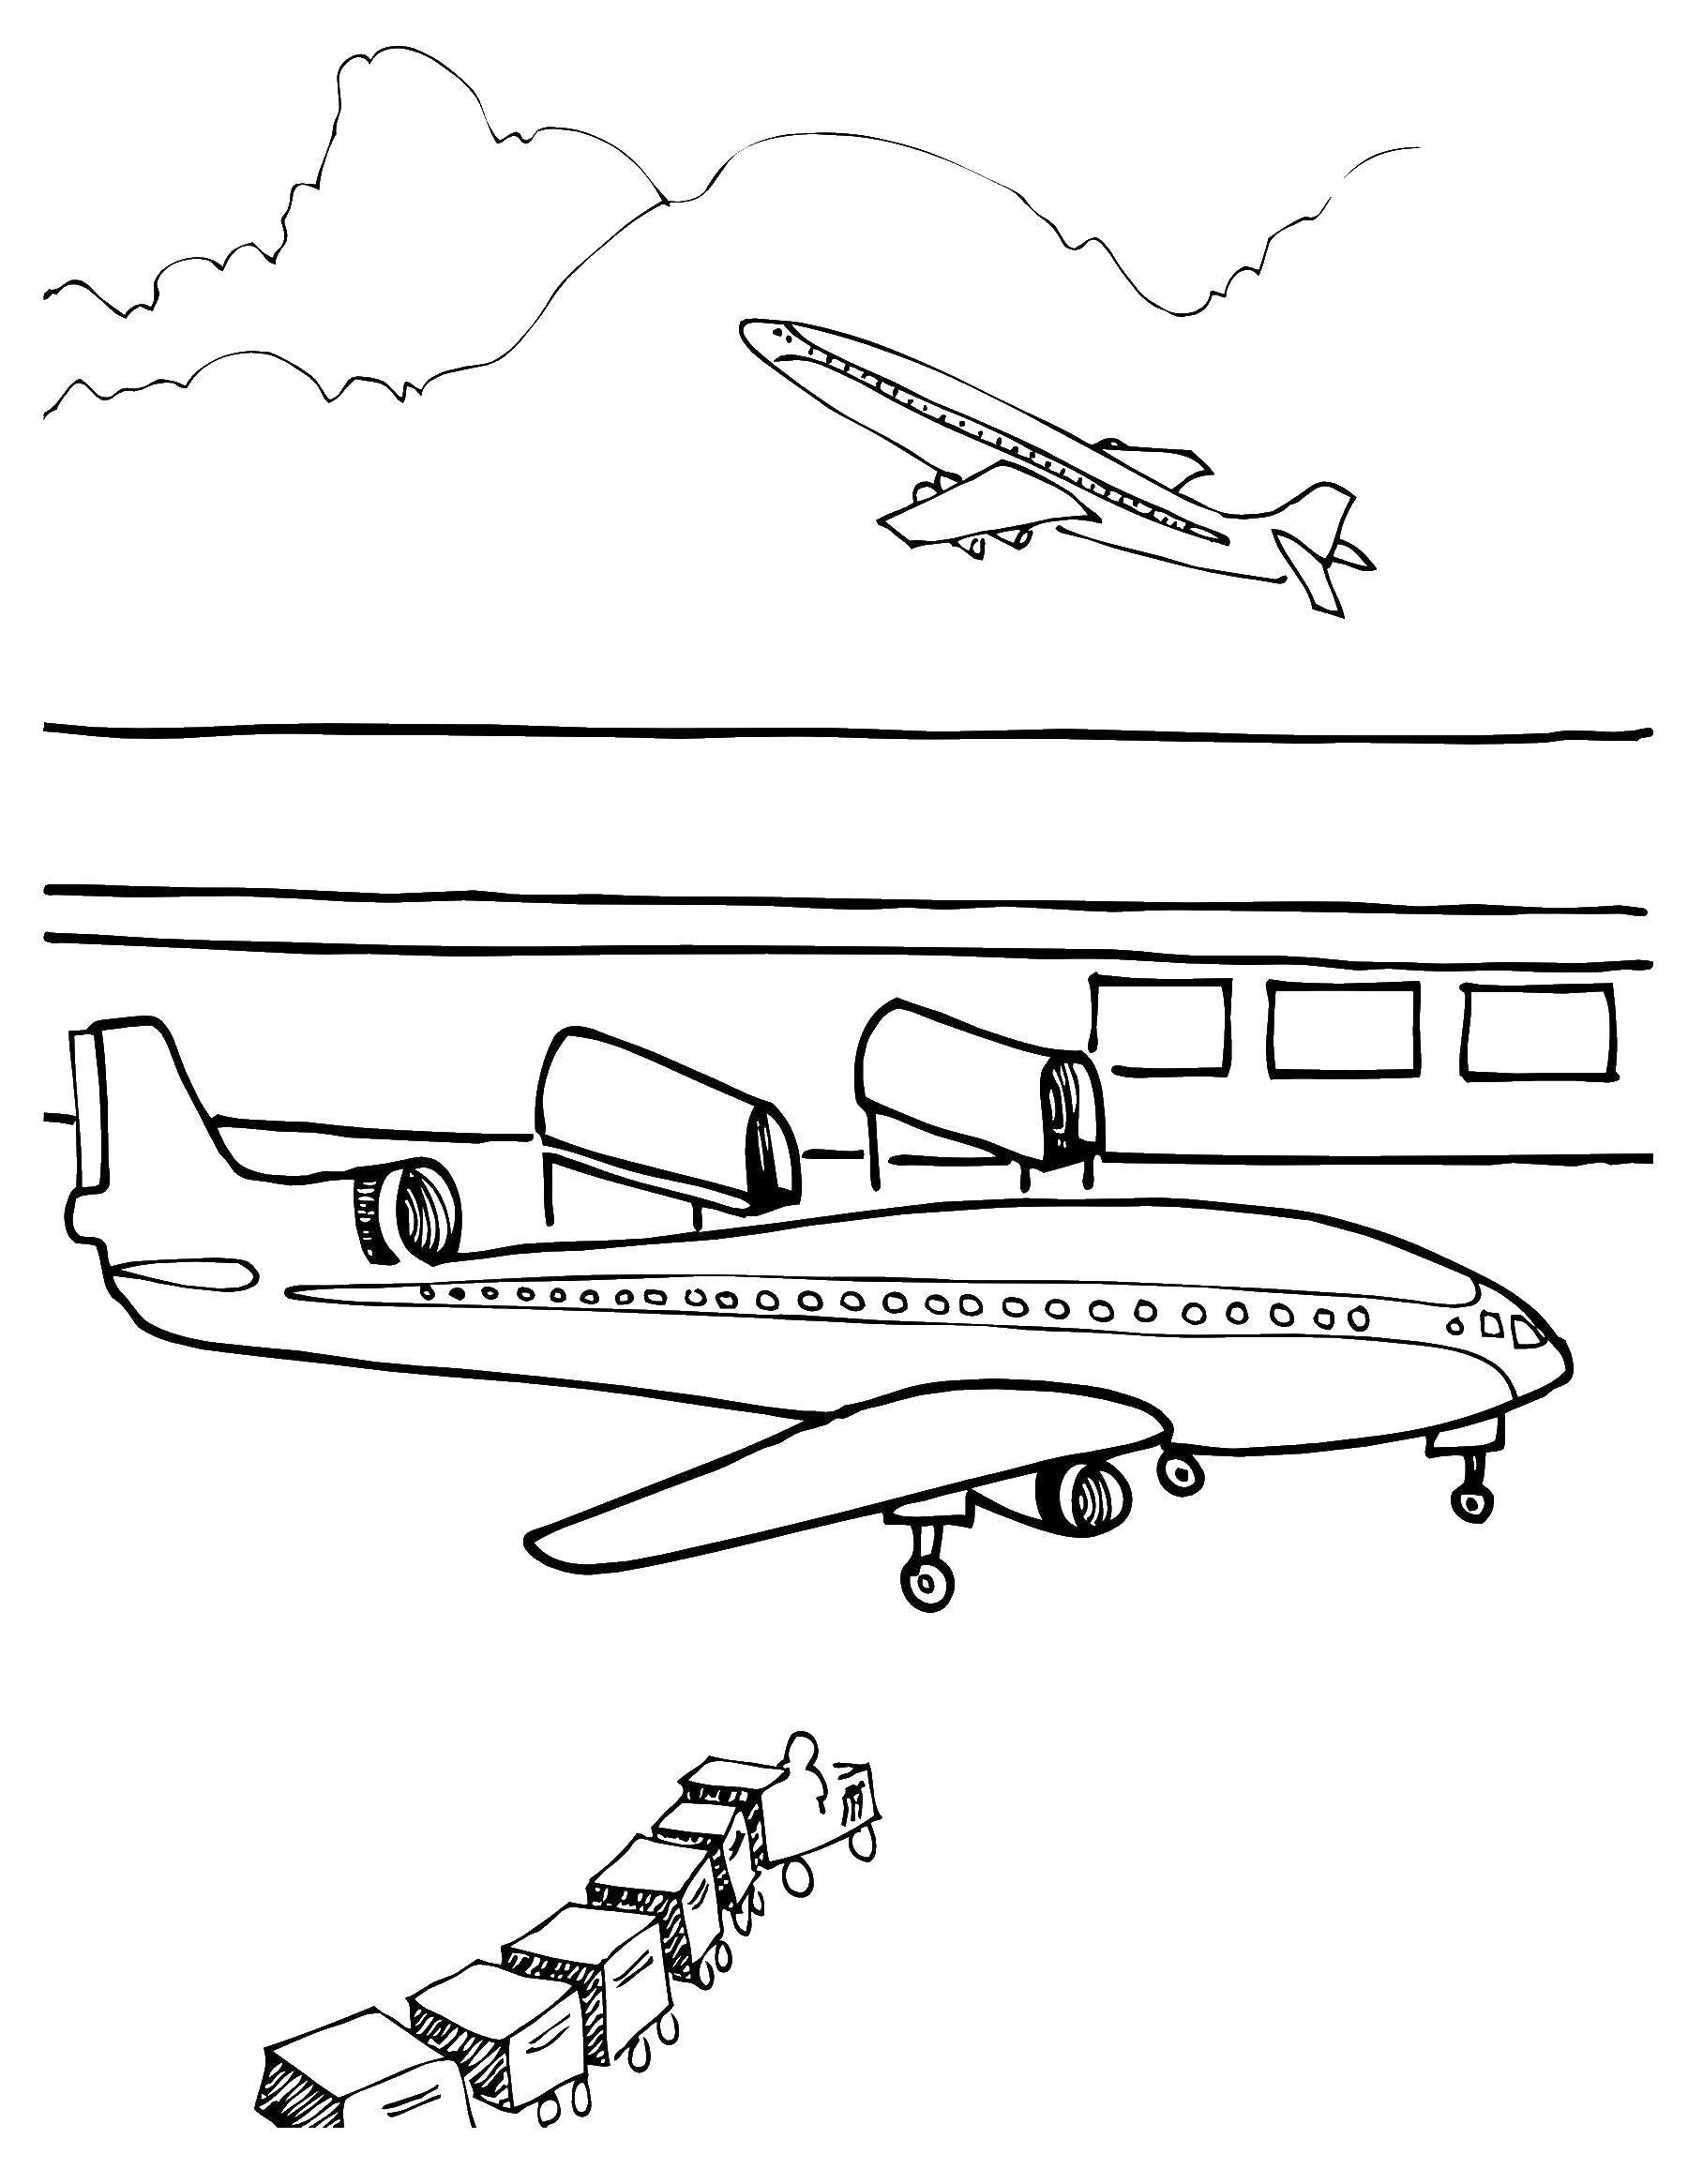 Раскраски истребитель, Раскраска Самолёт истребитель Самолеты.